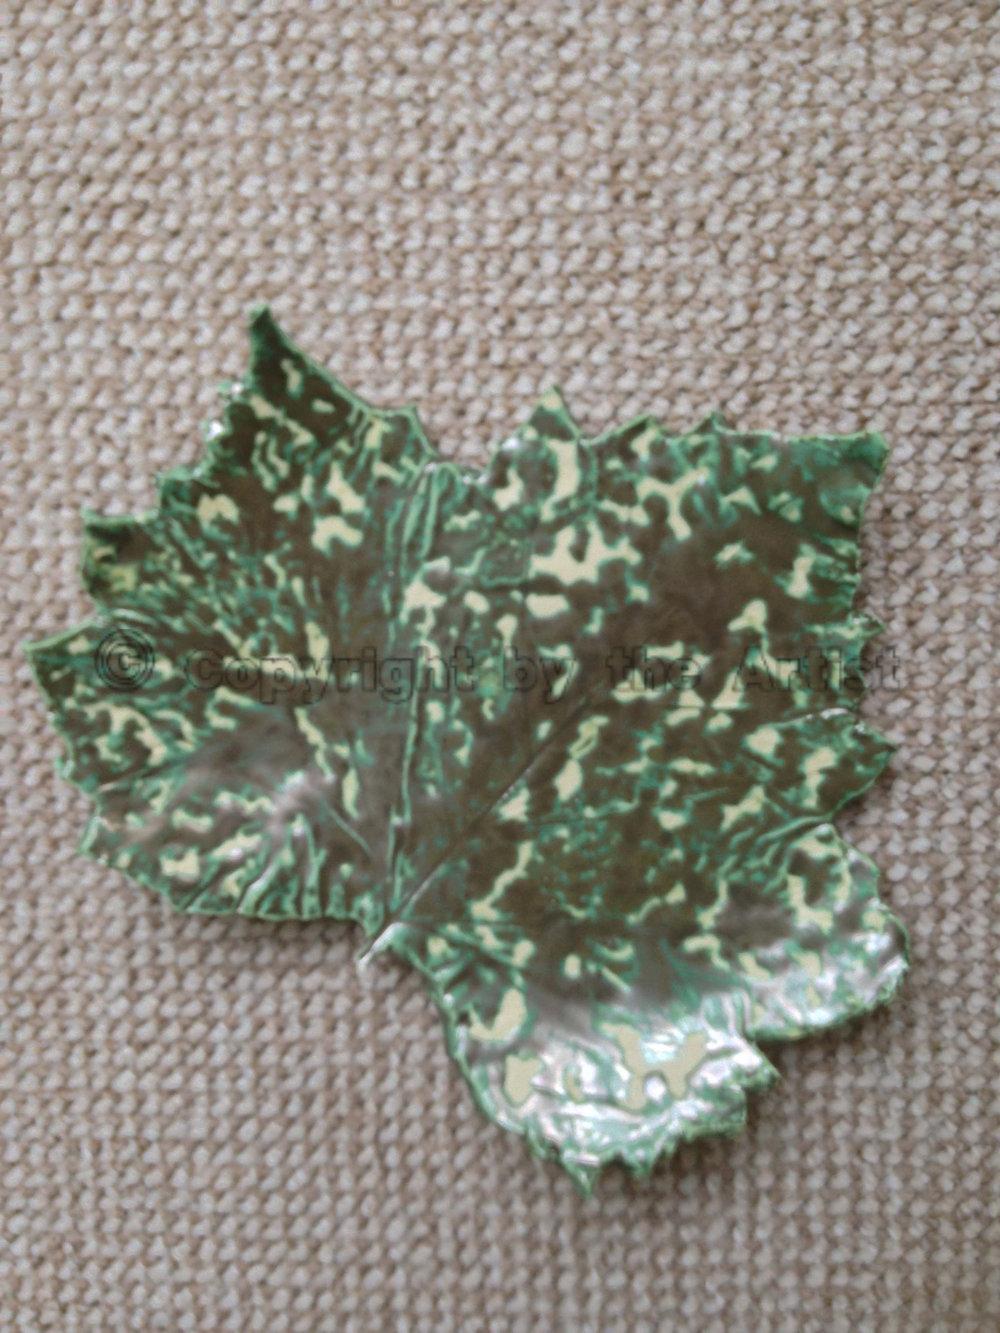 Leaf 24 - Spotted Verdigris